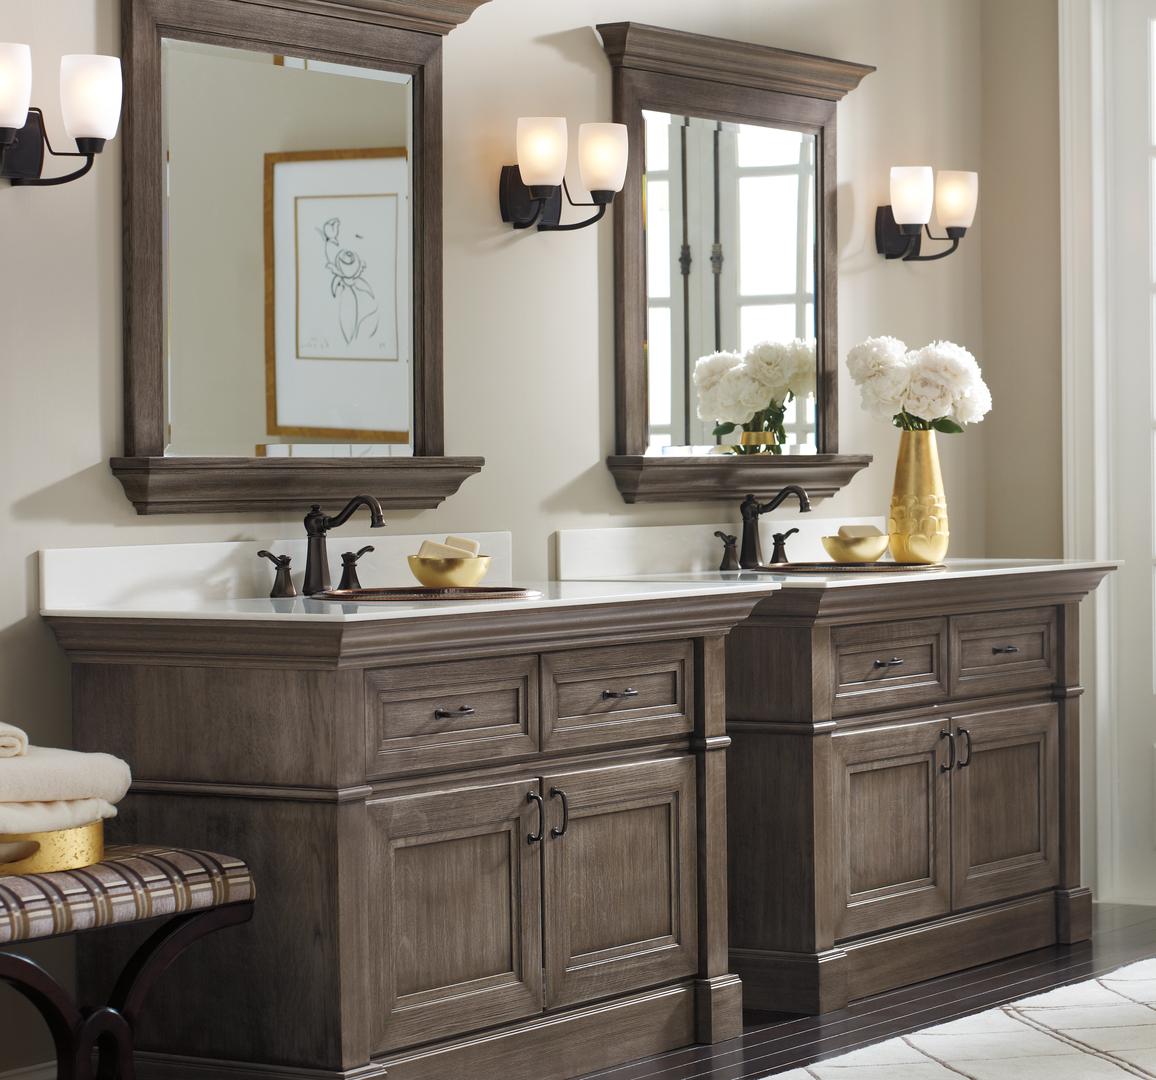 Bathroom Remodeling Voorhees Nj home